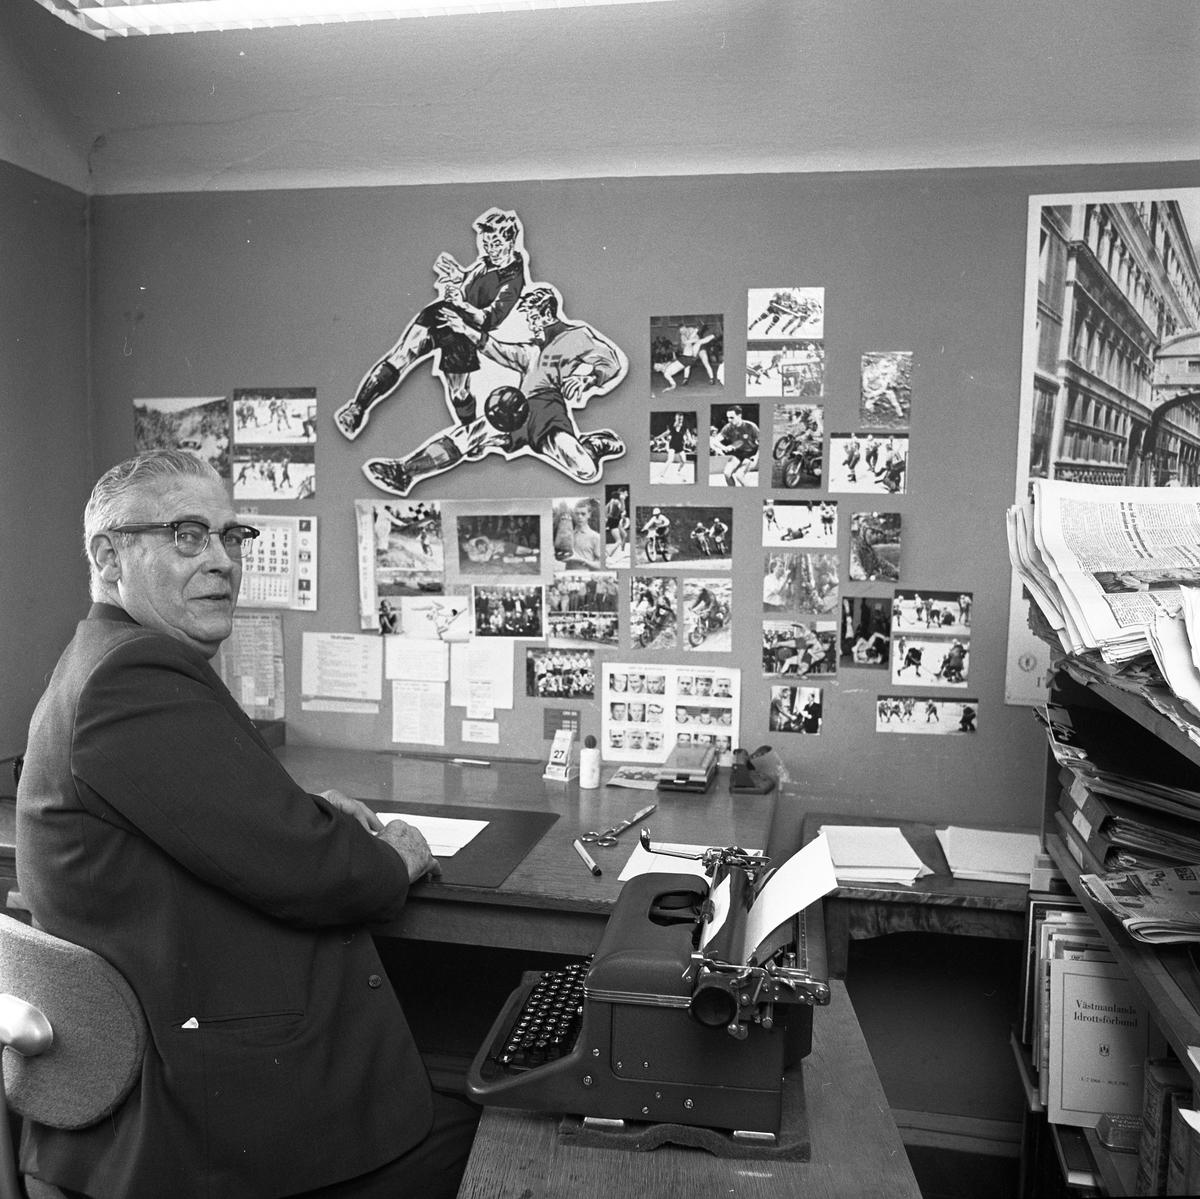 Arboga Tidning, personal och interiör. Sportjournalisten på sitt kontor. Mannen har en skrivmaskin med ett papper i. På väggen, framför skrivbordet, sitter sportfotografier och andra bilder.